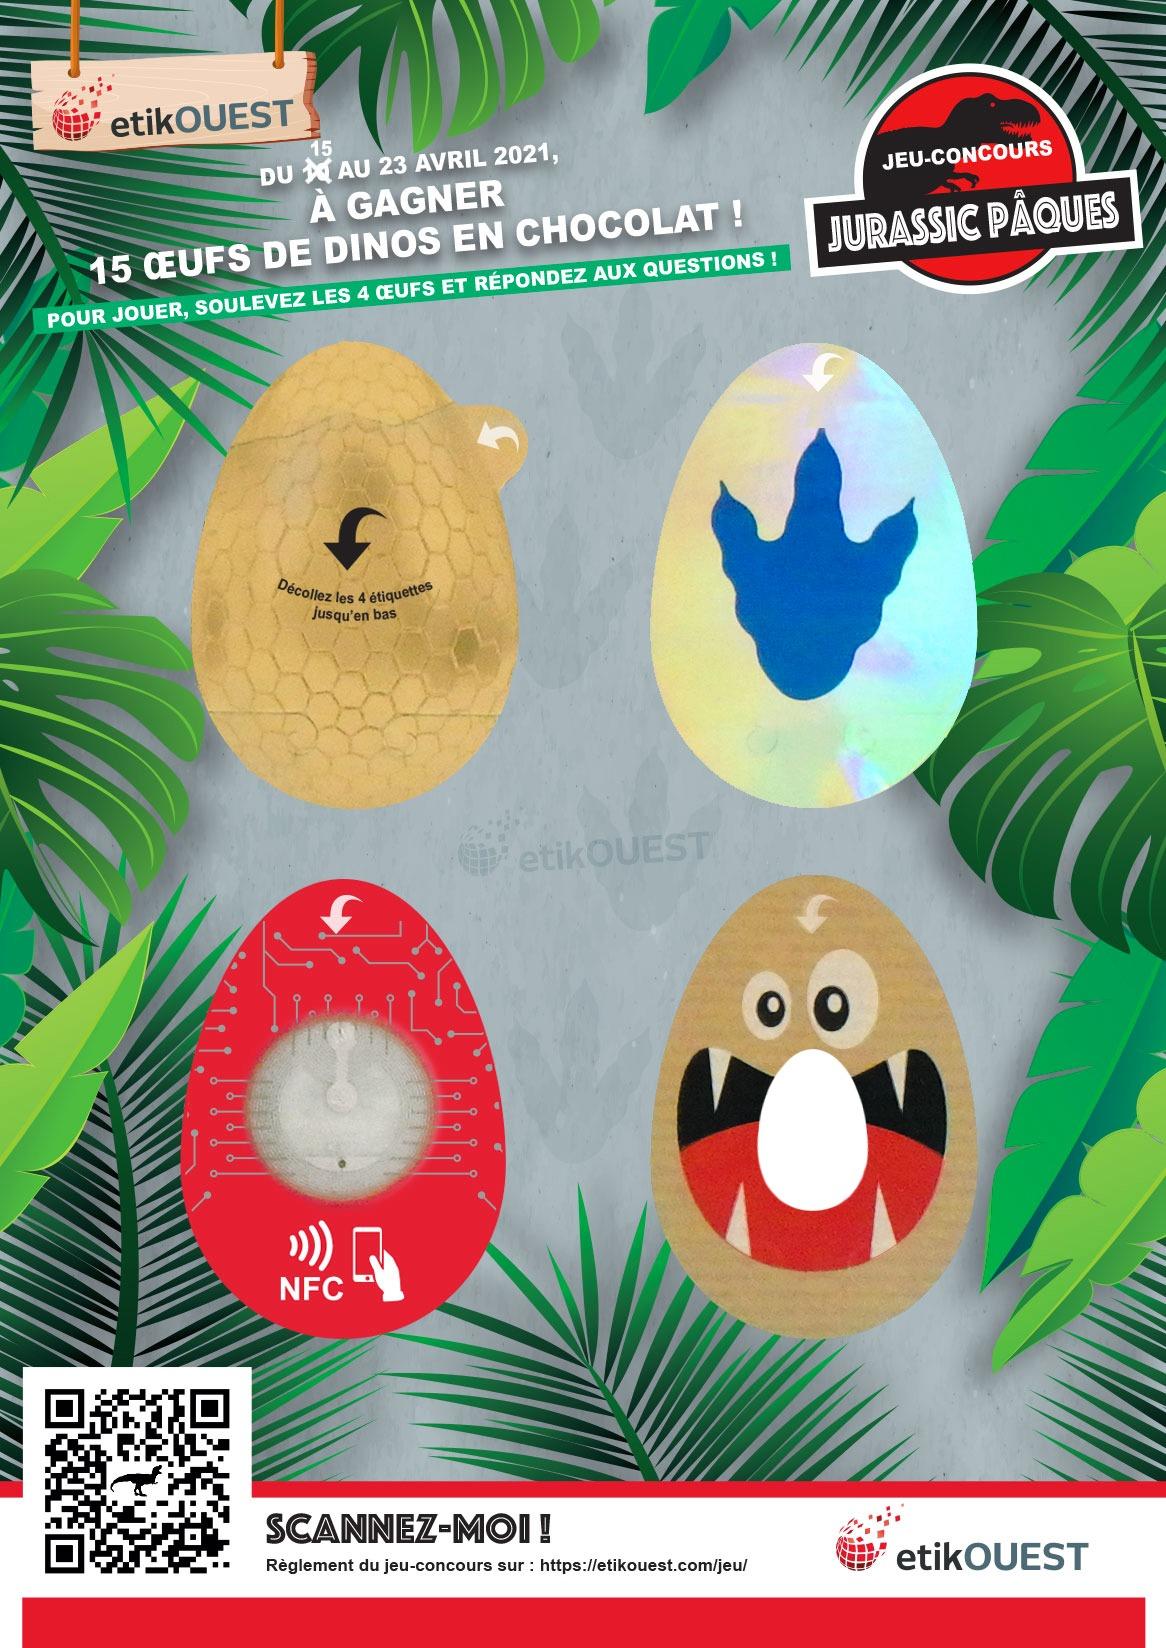 planche d'étiquettes adhésives du jeu-concours Jurassic Pâques, Etik Ouest